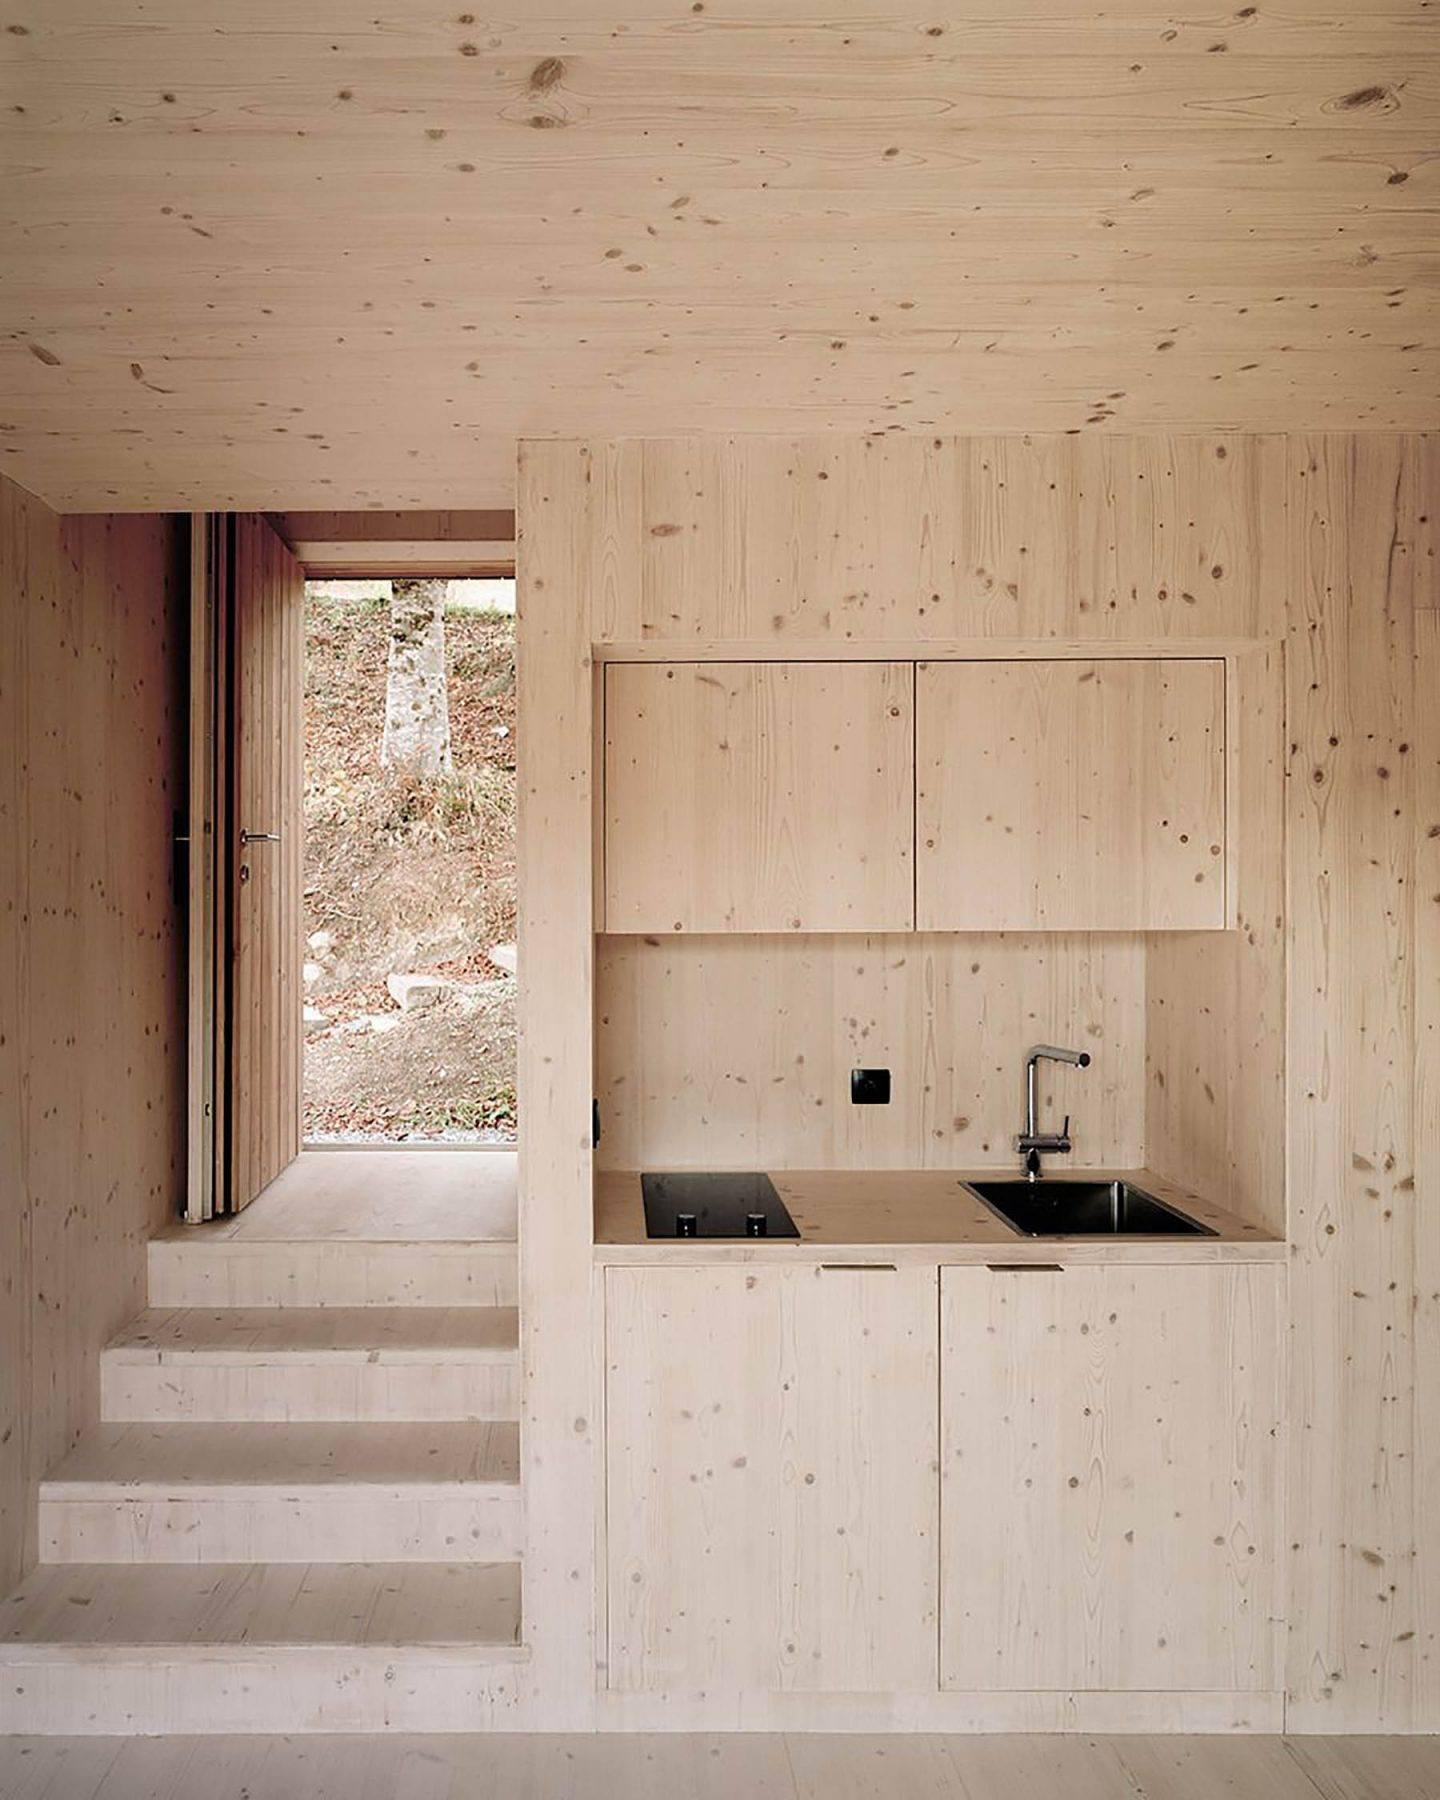 IGNANT-Architecture-Joachim-Fritschy-Frit01-12